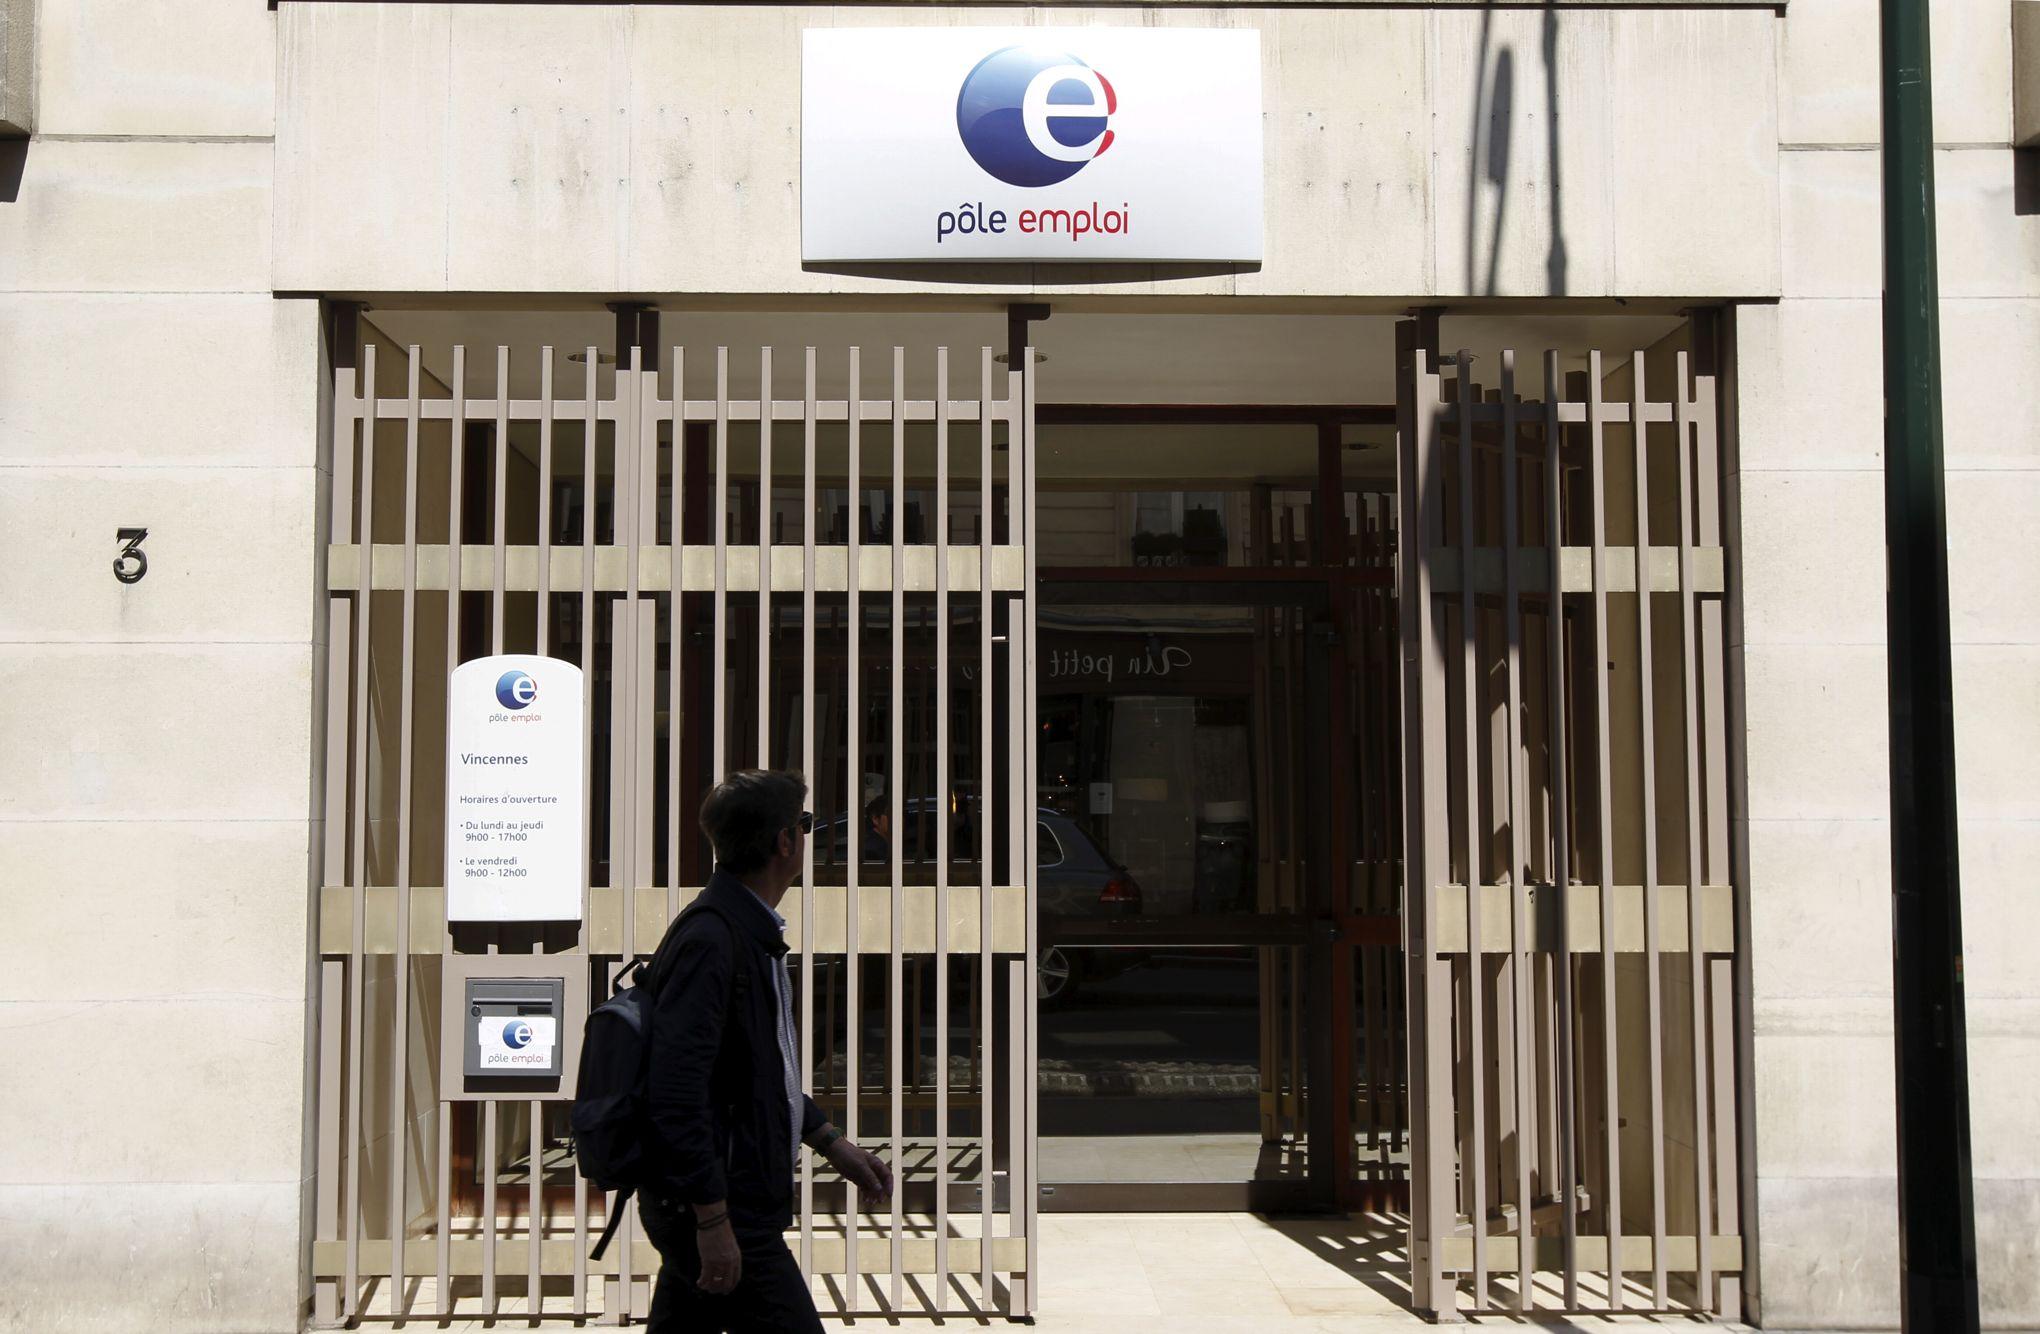 Bureau de la sécurité privée emploi: tunisie la sécurité privée ne